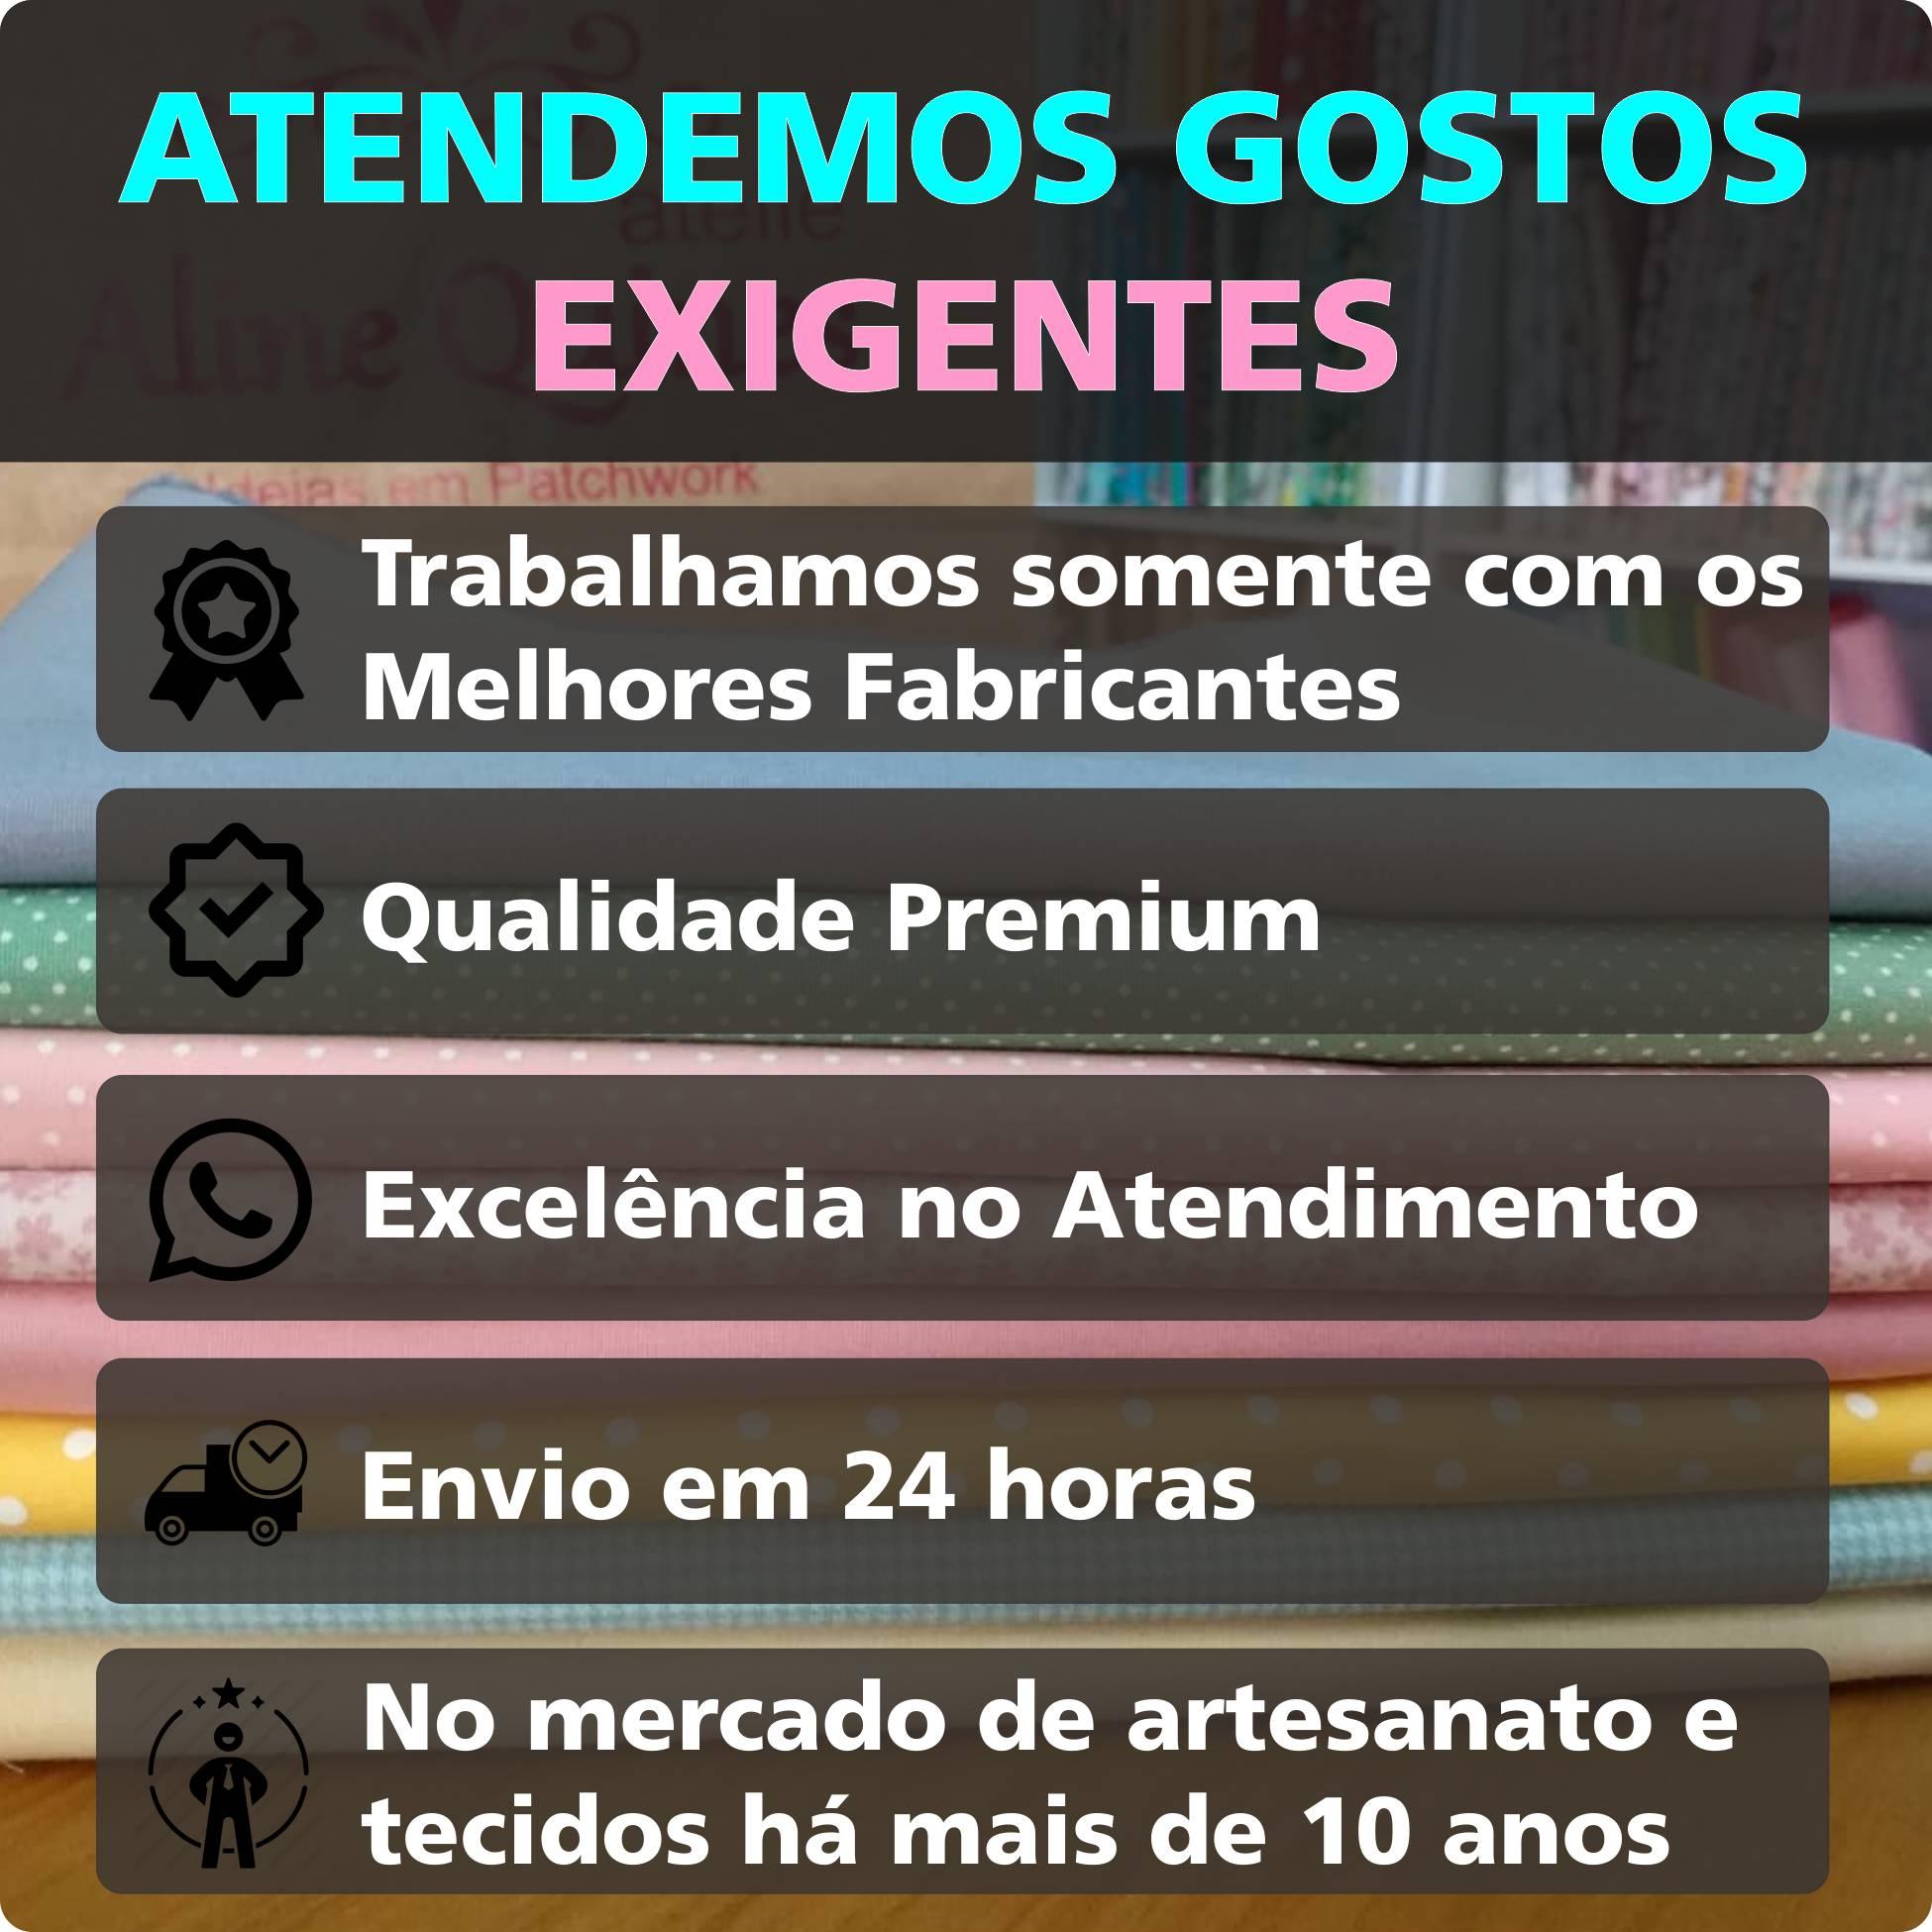 FERNANDO MALUHY - ALGODÃO TONS DE PELE BEGE - Pele de Boneca - 25cm X 150cm